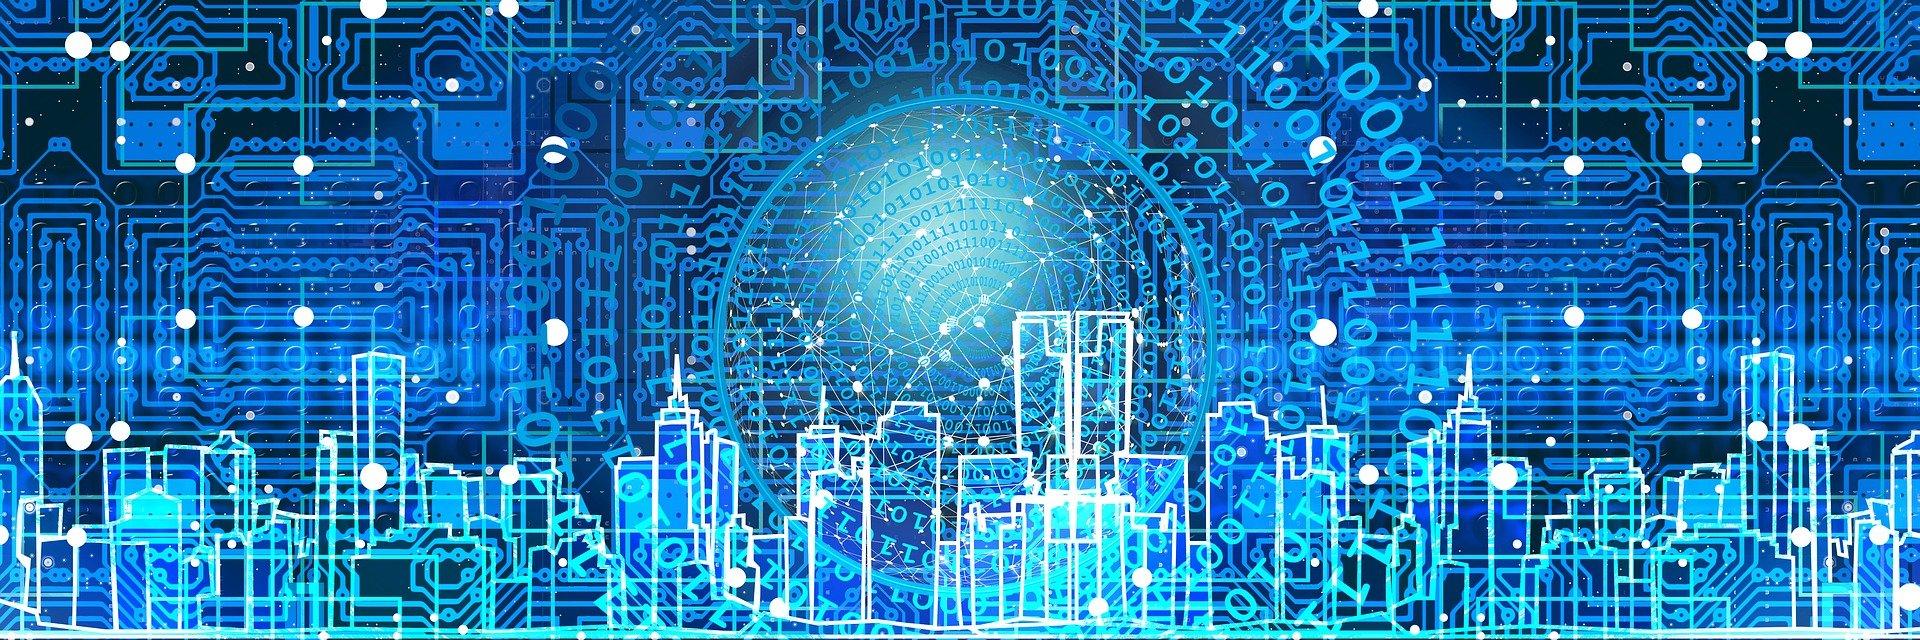 IA acelera la digitalización en las empresas